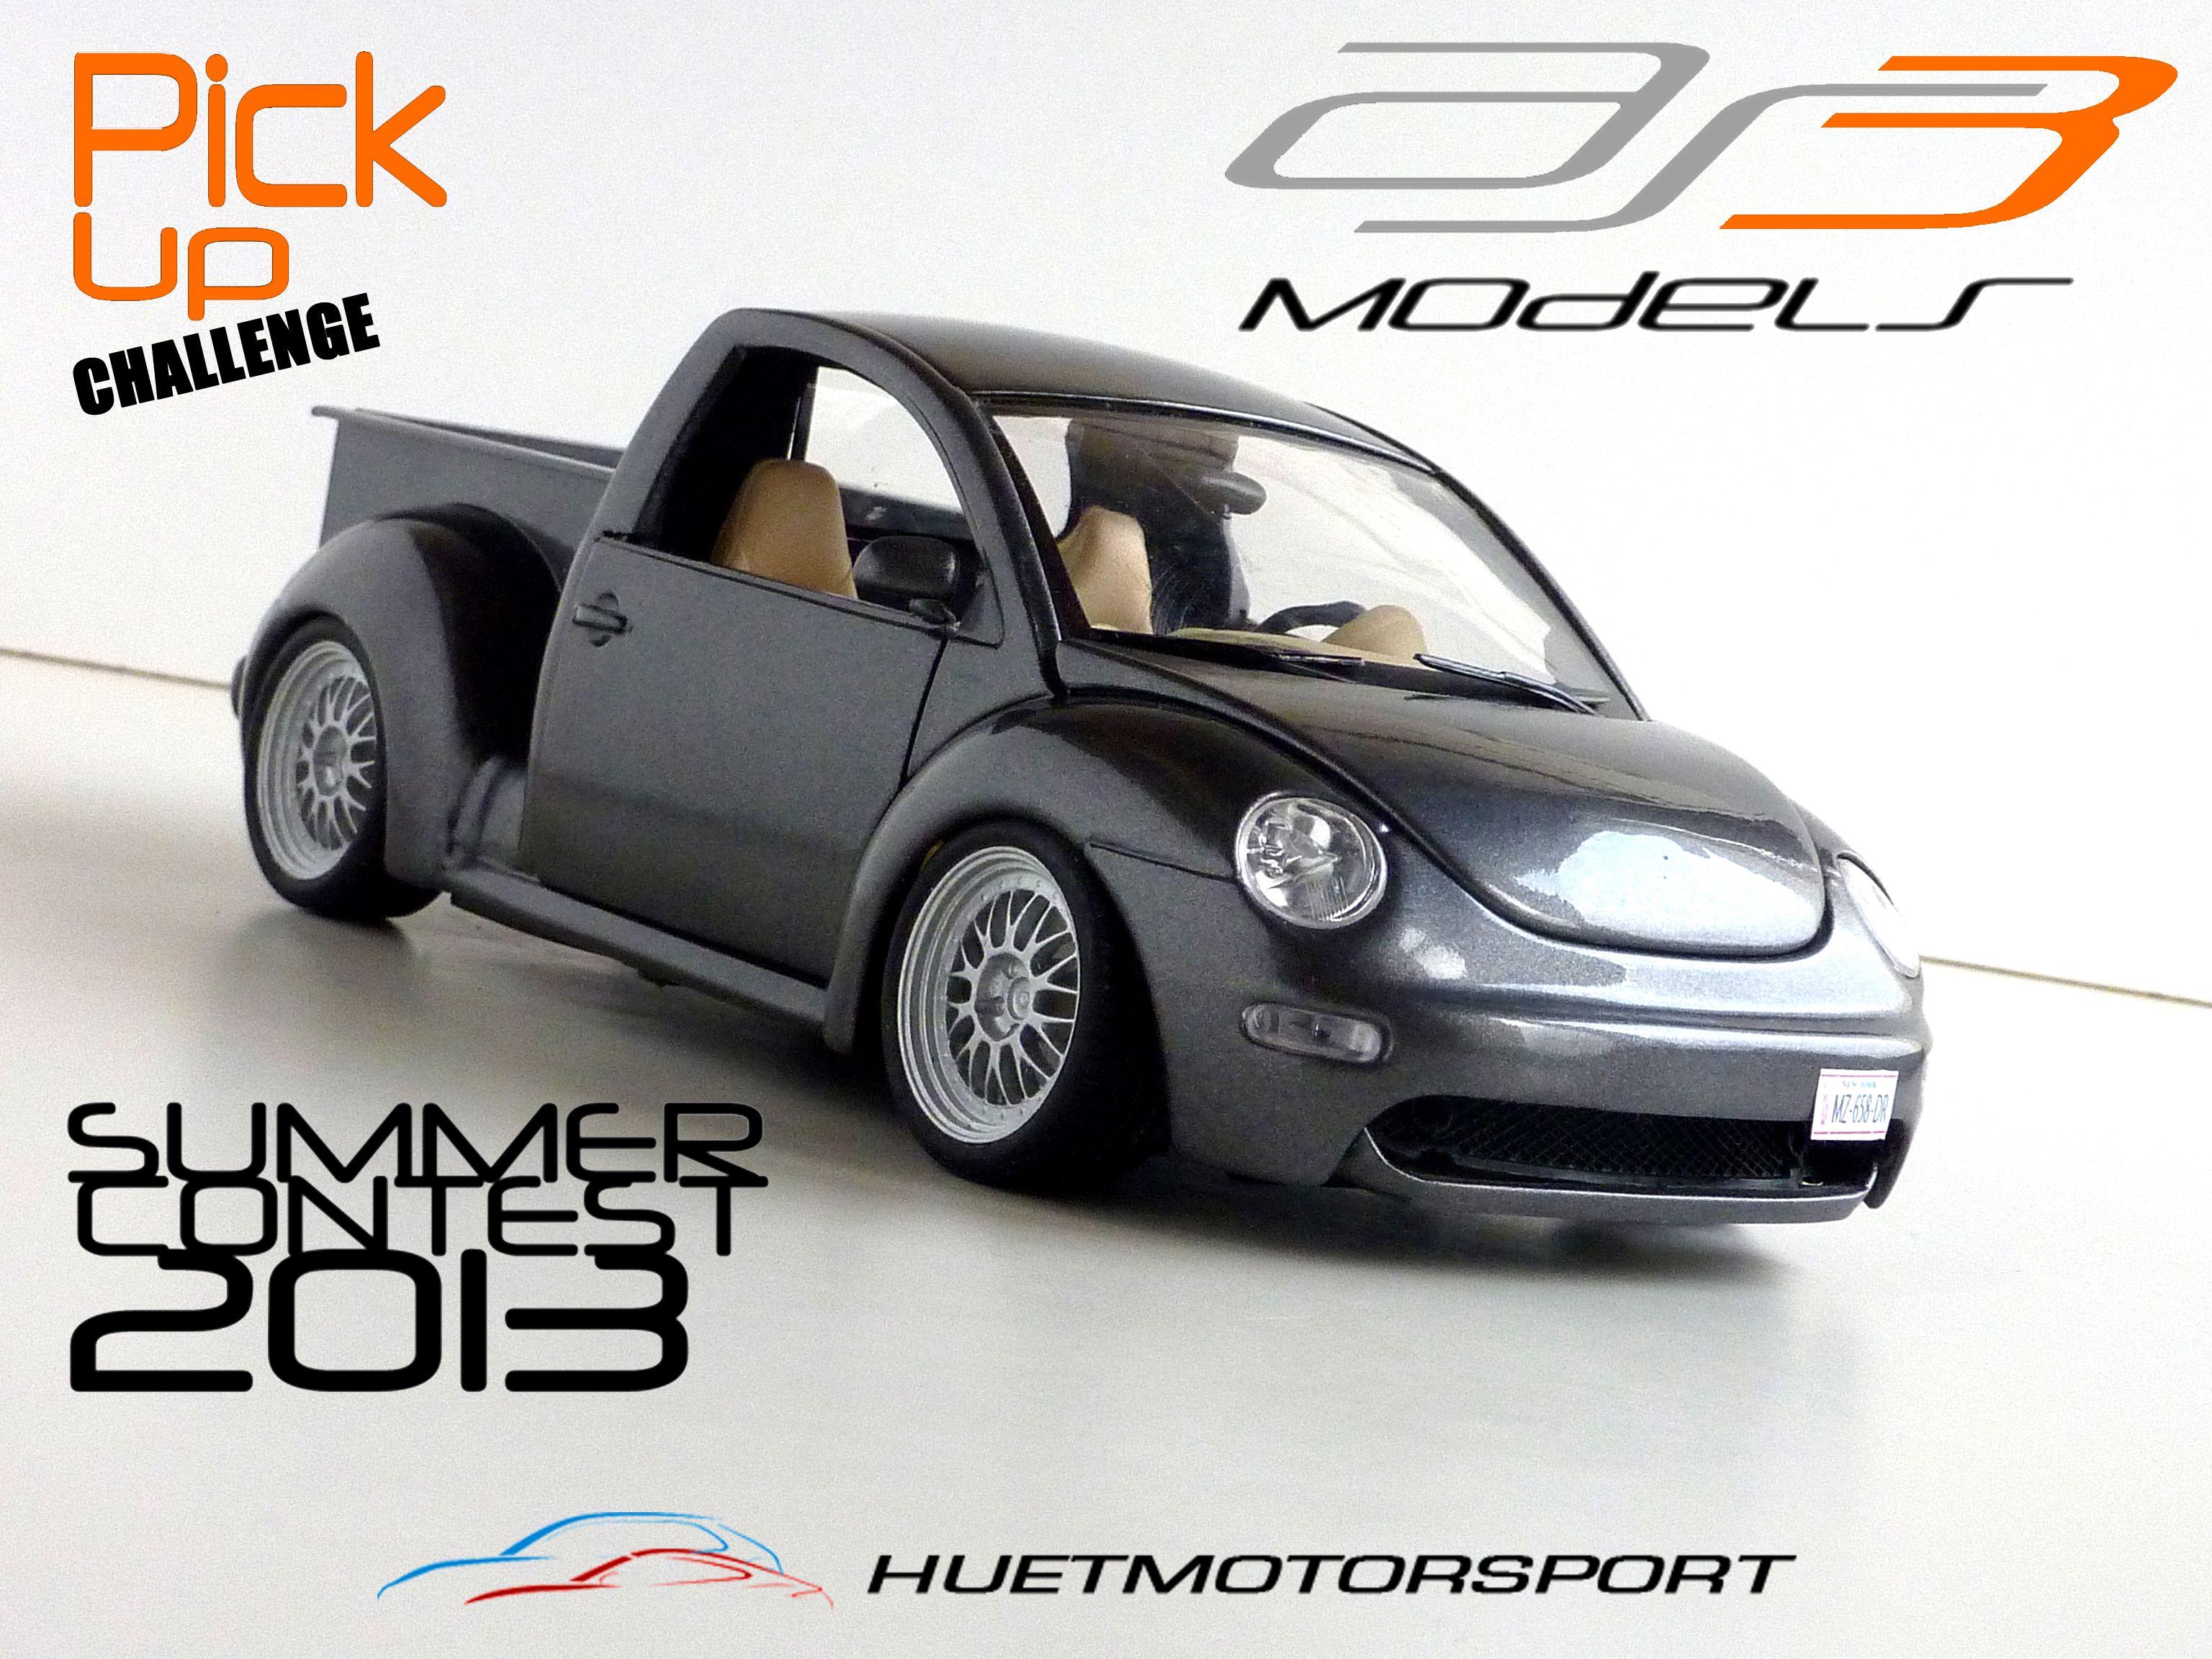 New beetle pickup 1 18 by huetmotorsport tag vw volkswagen newbeetle